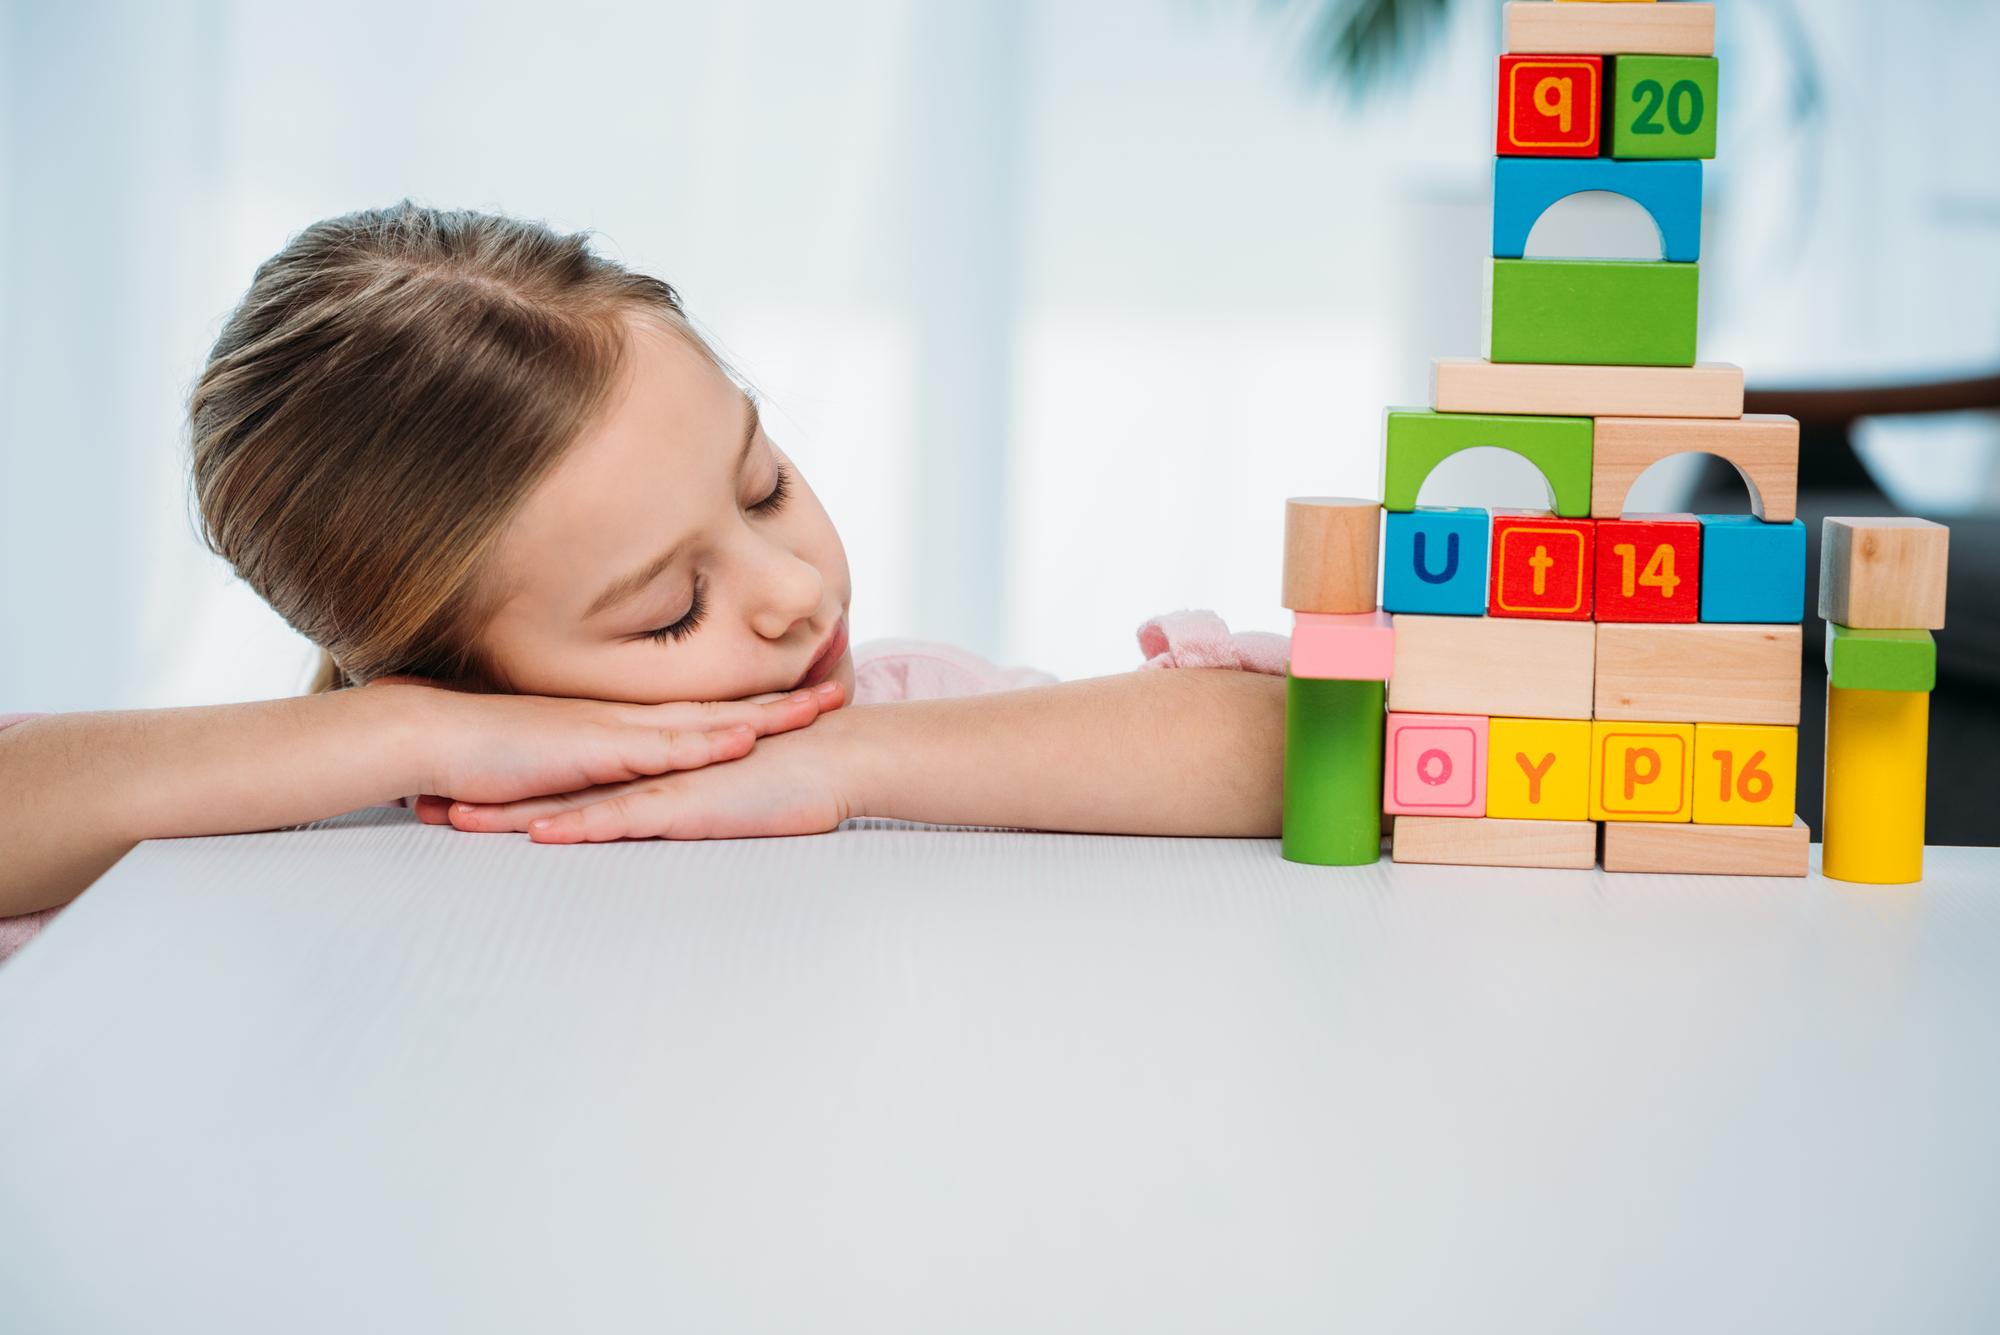 Όταν ο ύπνος δεν παίρνει τα παιδιά…